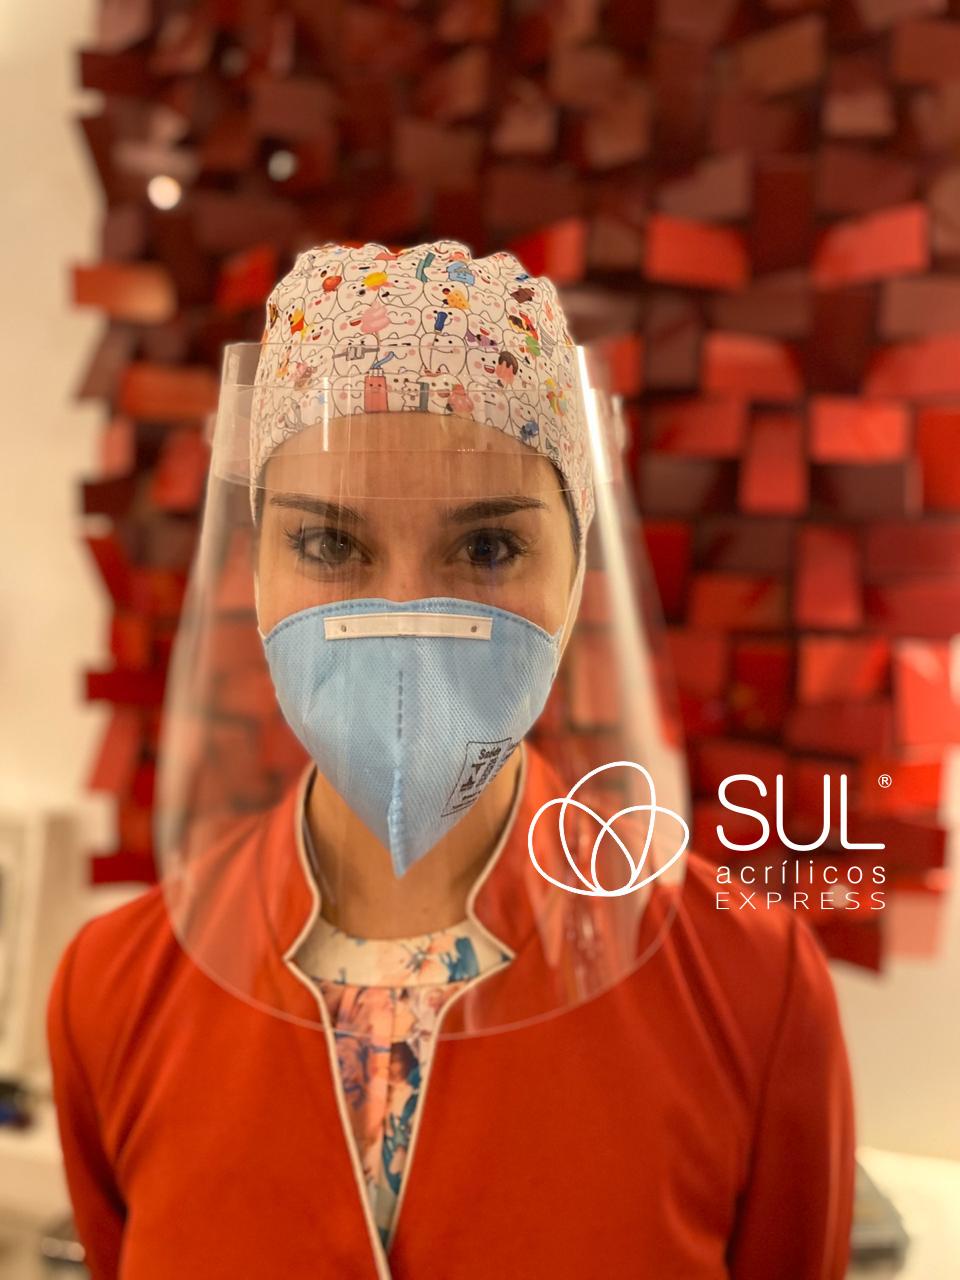 Dentista protegendo o rosto e utilizando face shield